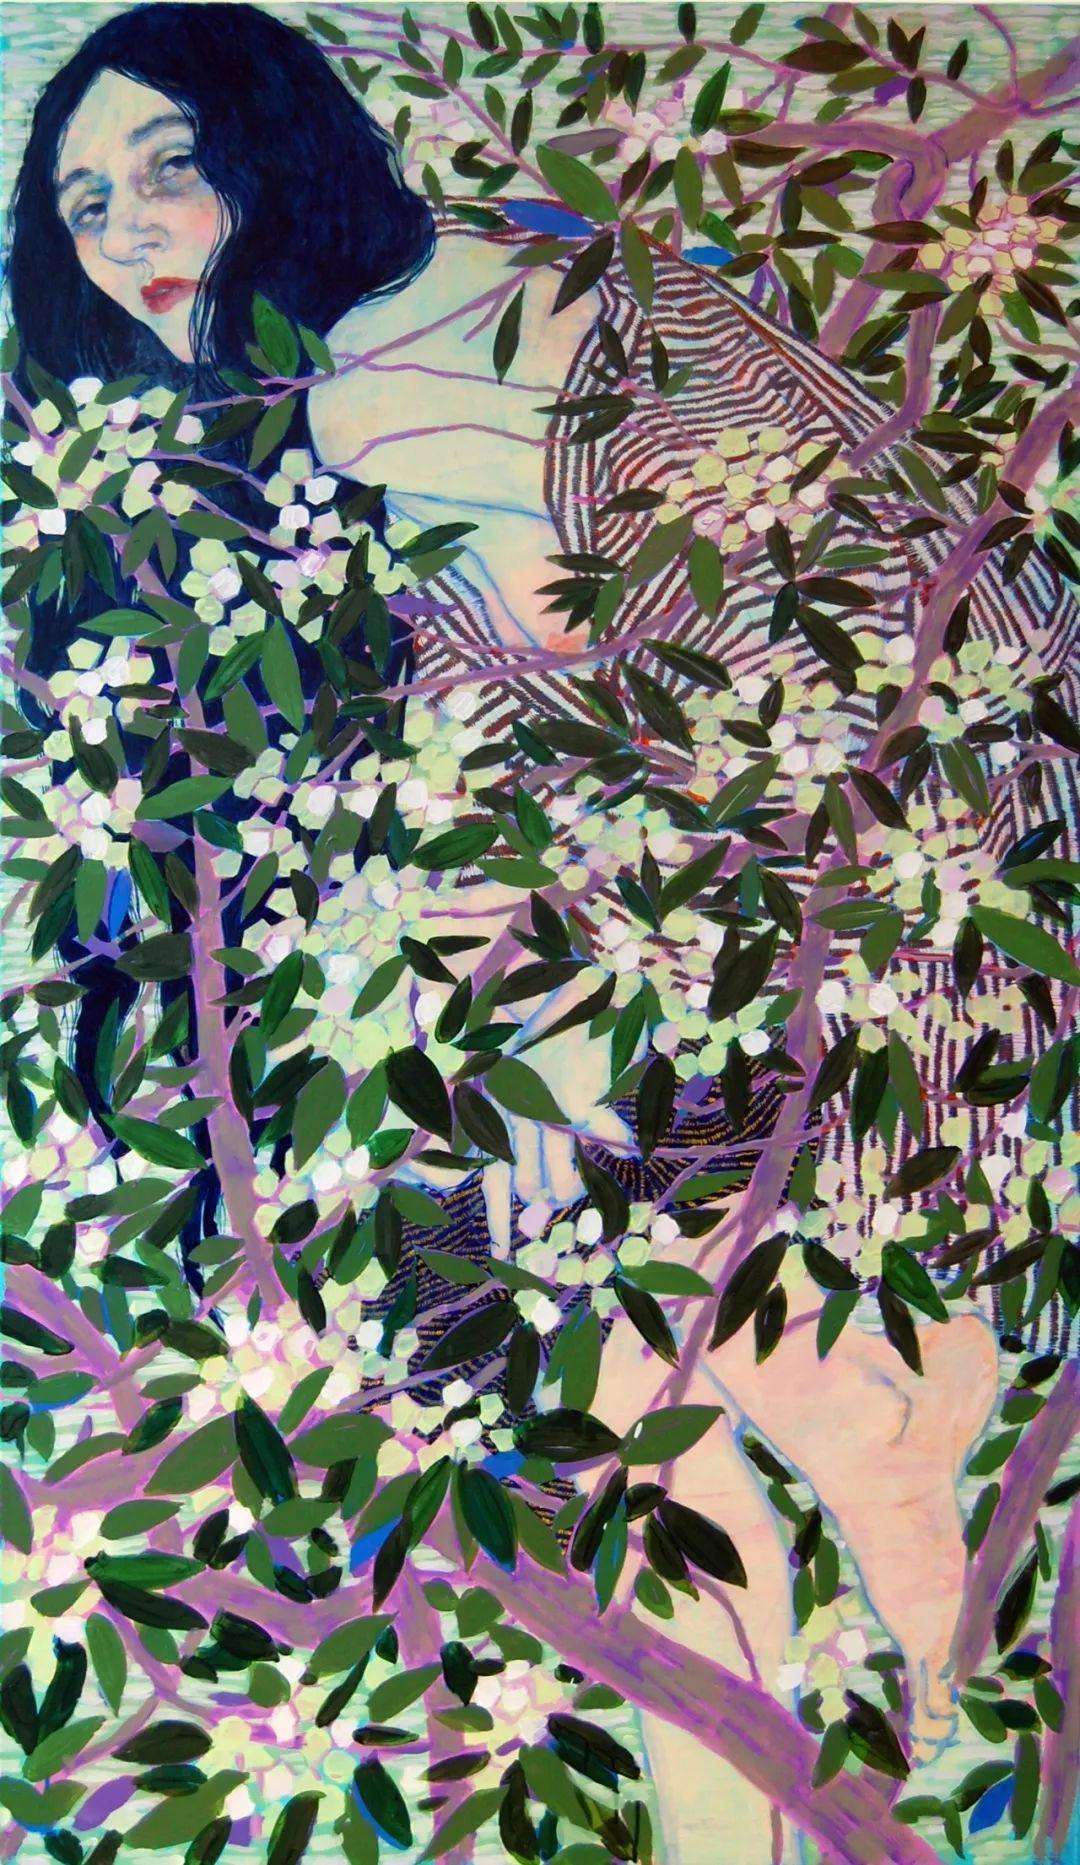 用平静的笔触描绘强烈的感情,美国艺术家Hope Gangloff作品选插图67